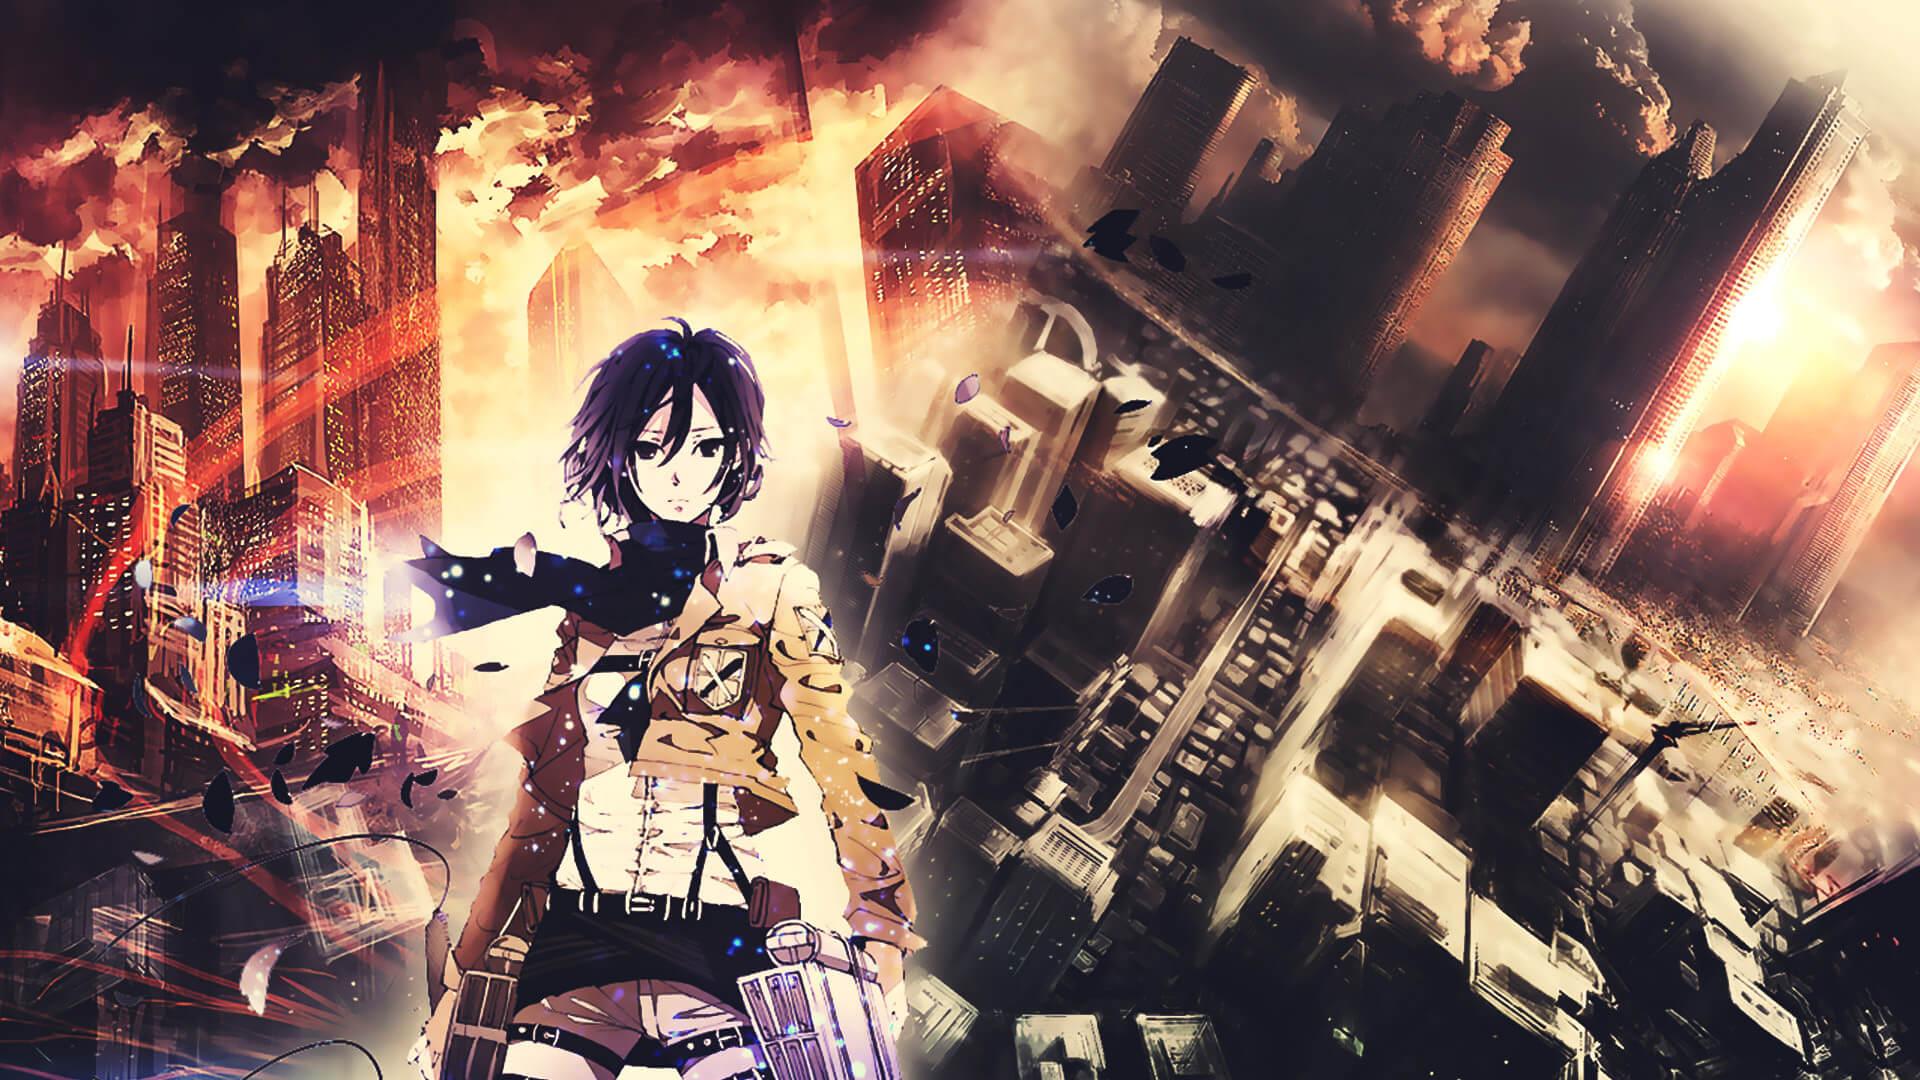 #2: Attack on Titan -Shingeki no Kyojin